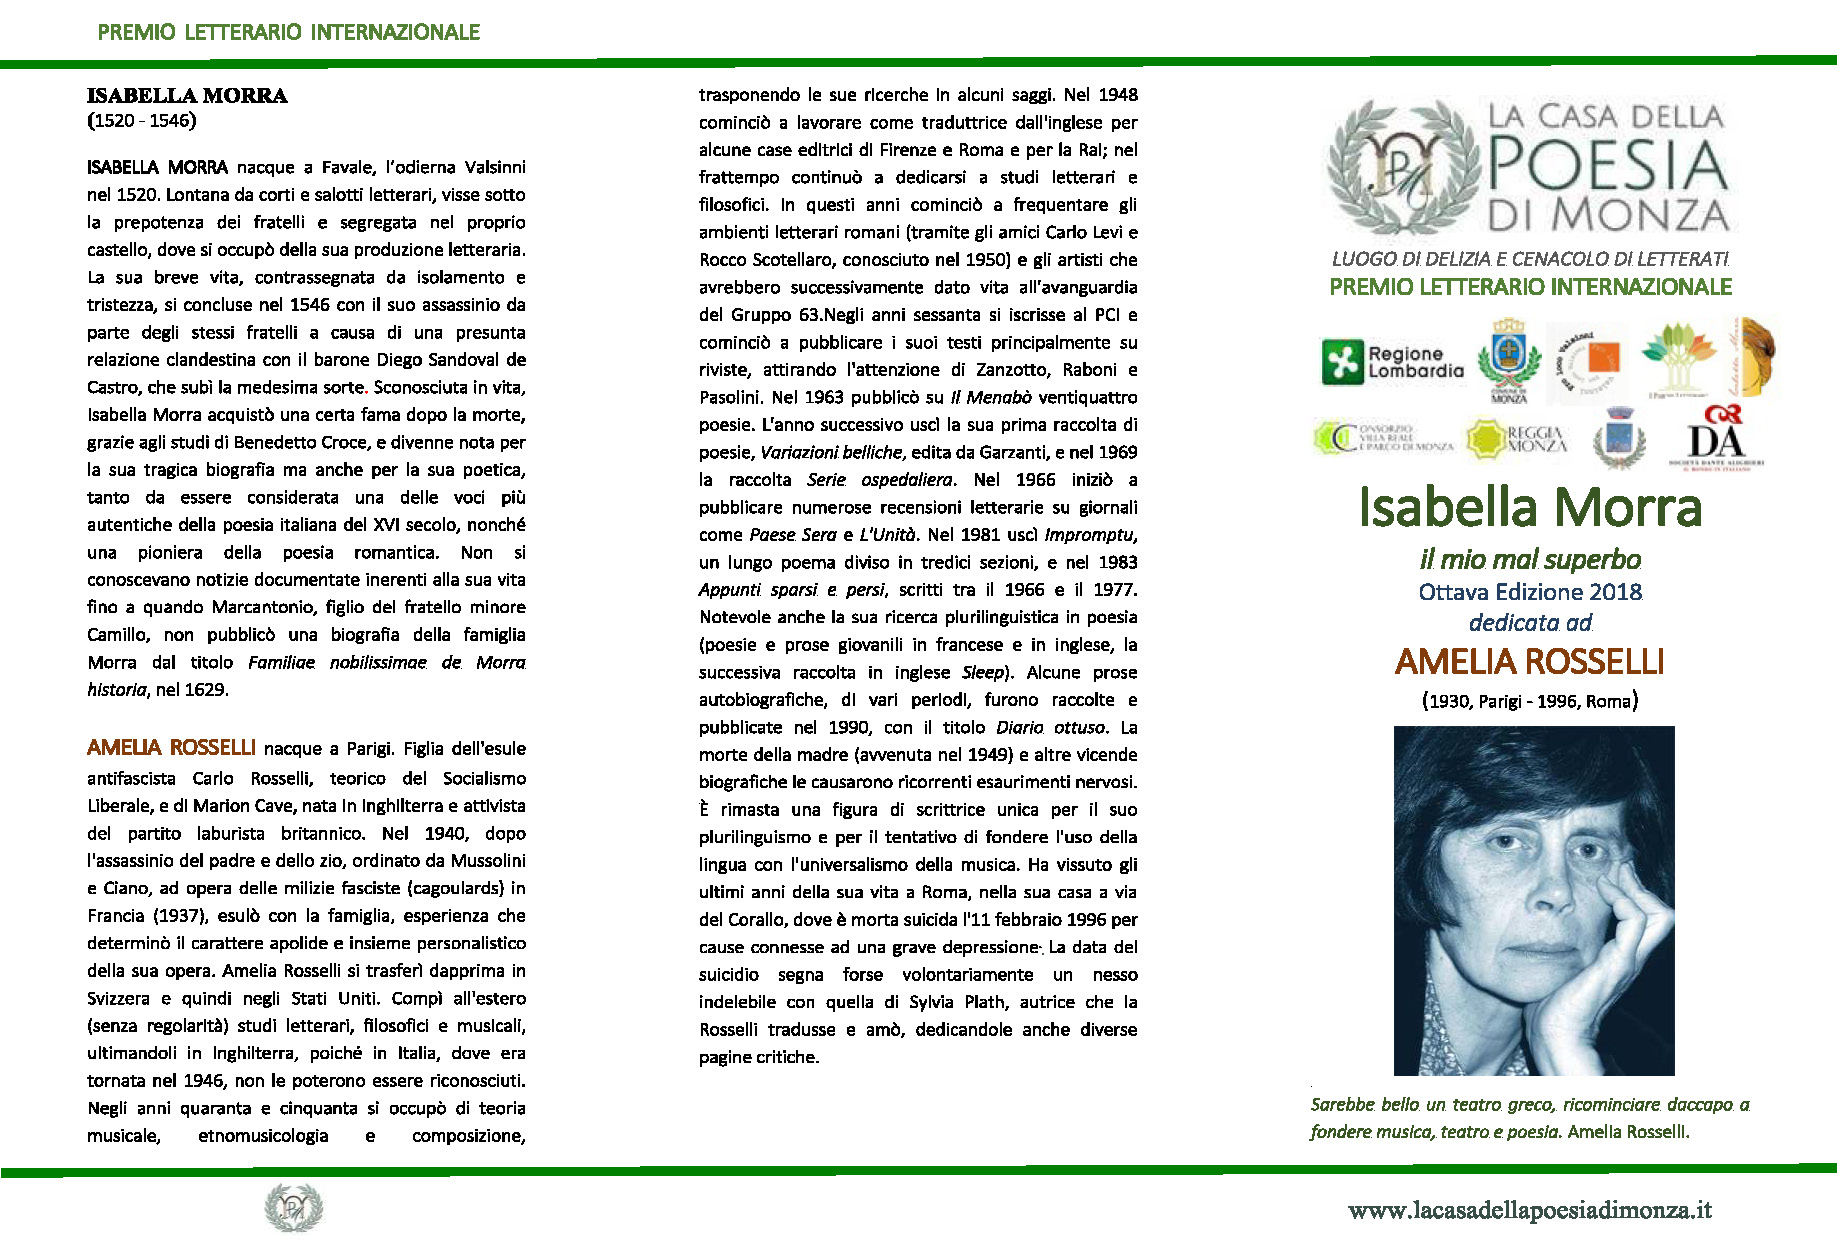 Premio Isabella Morra, il mio mal superbo VIII ediz. 2018 - Clicca per PDF